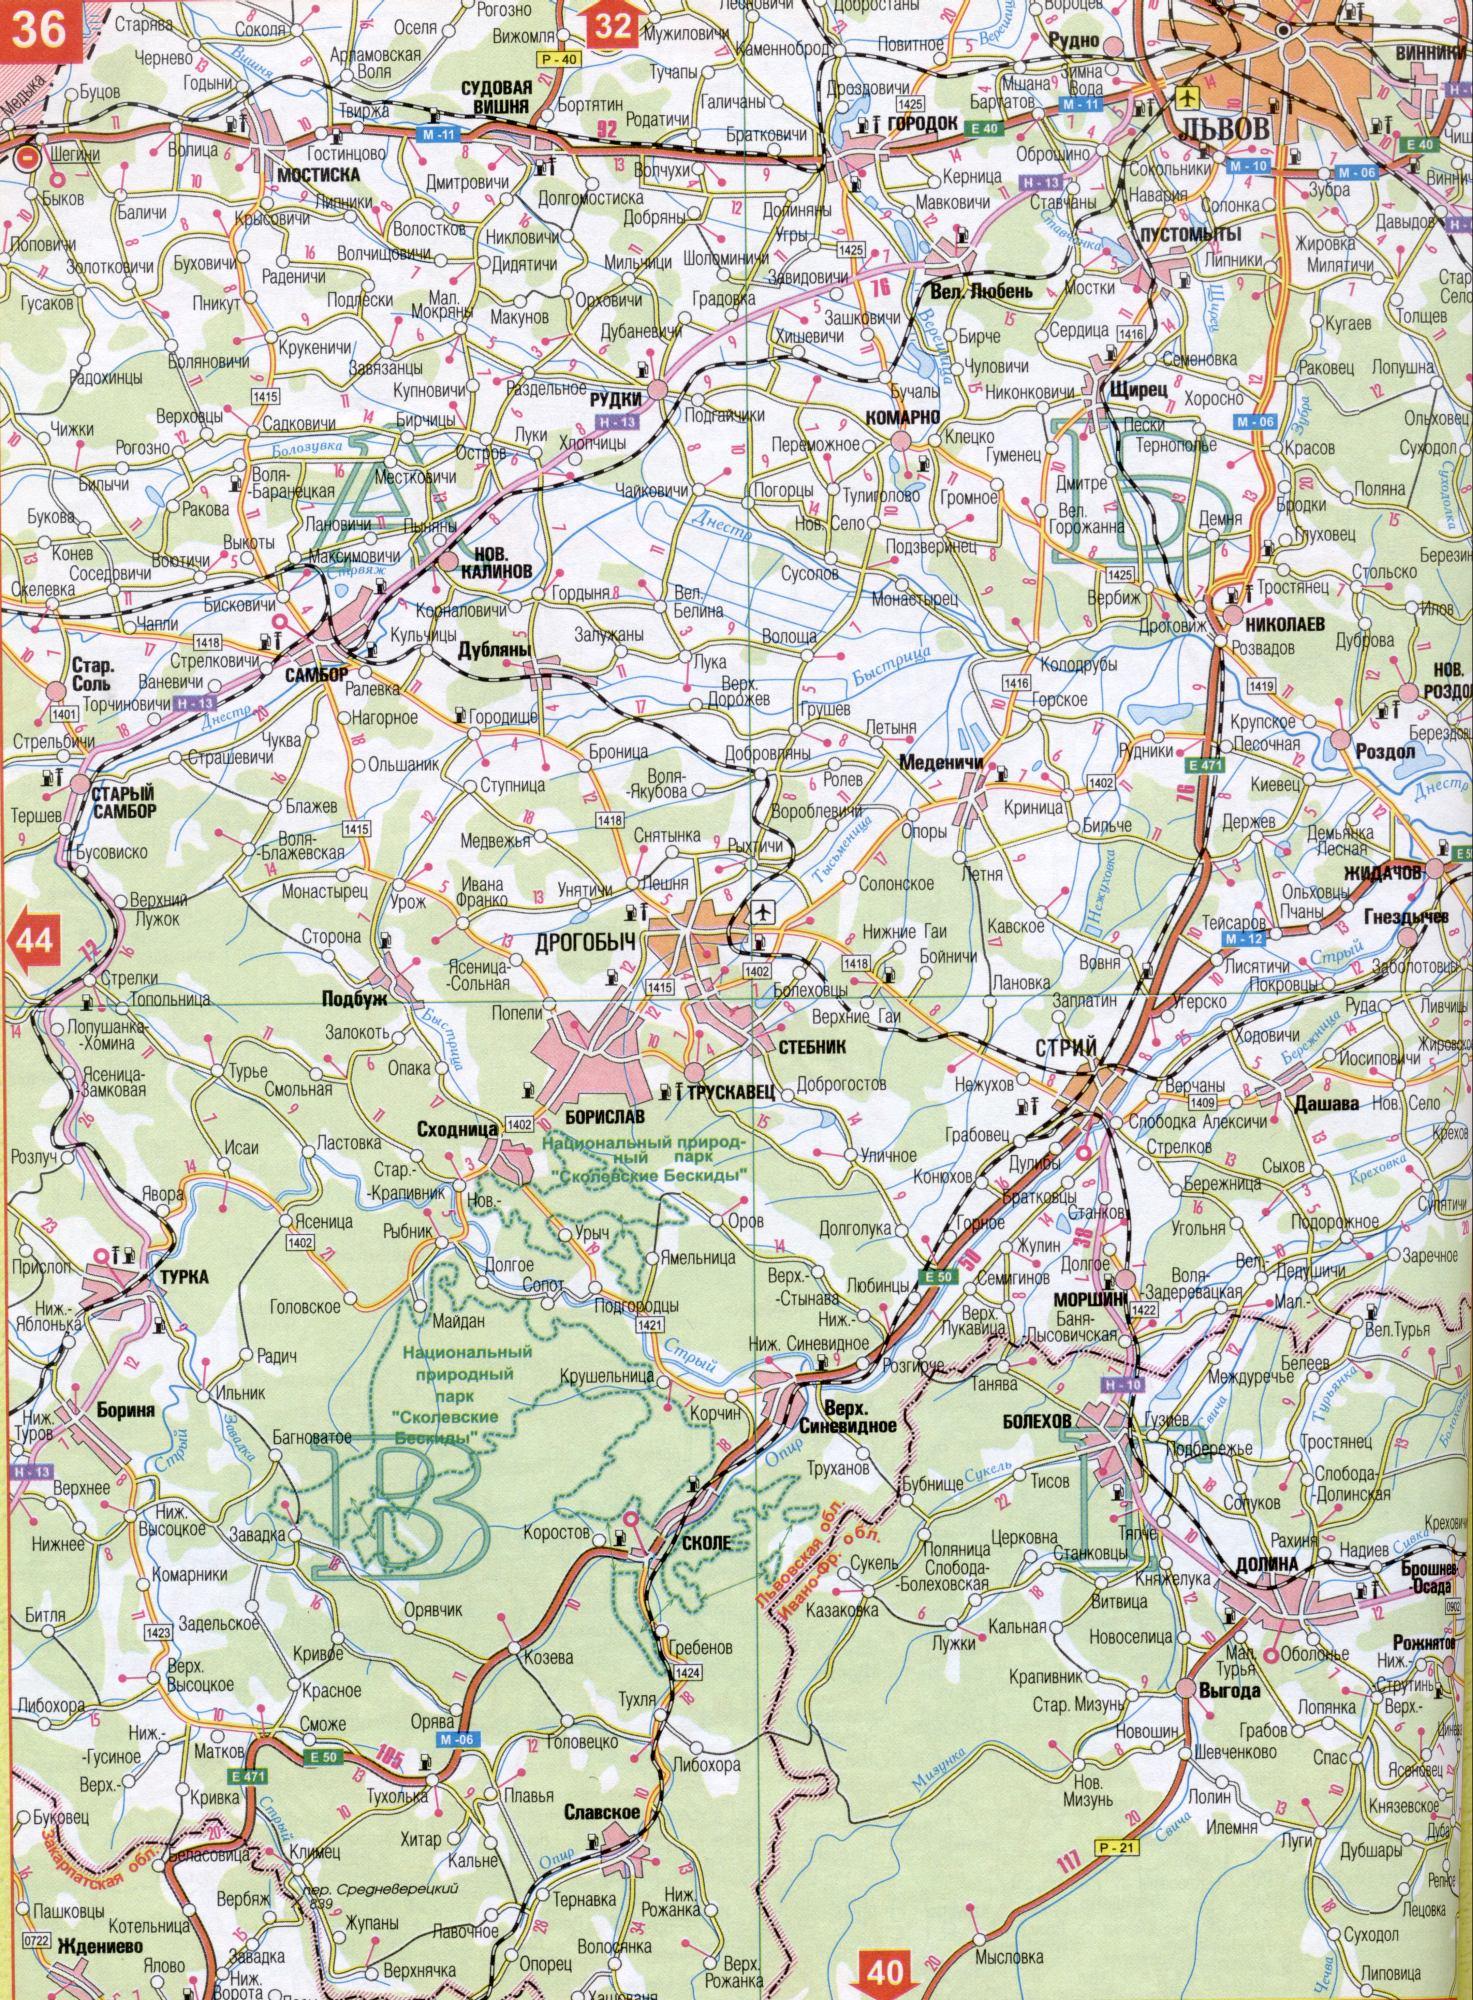 Украины крупномасштабная карта дорог